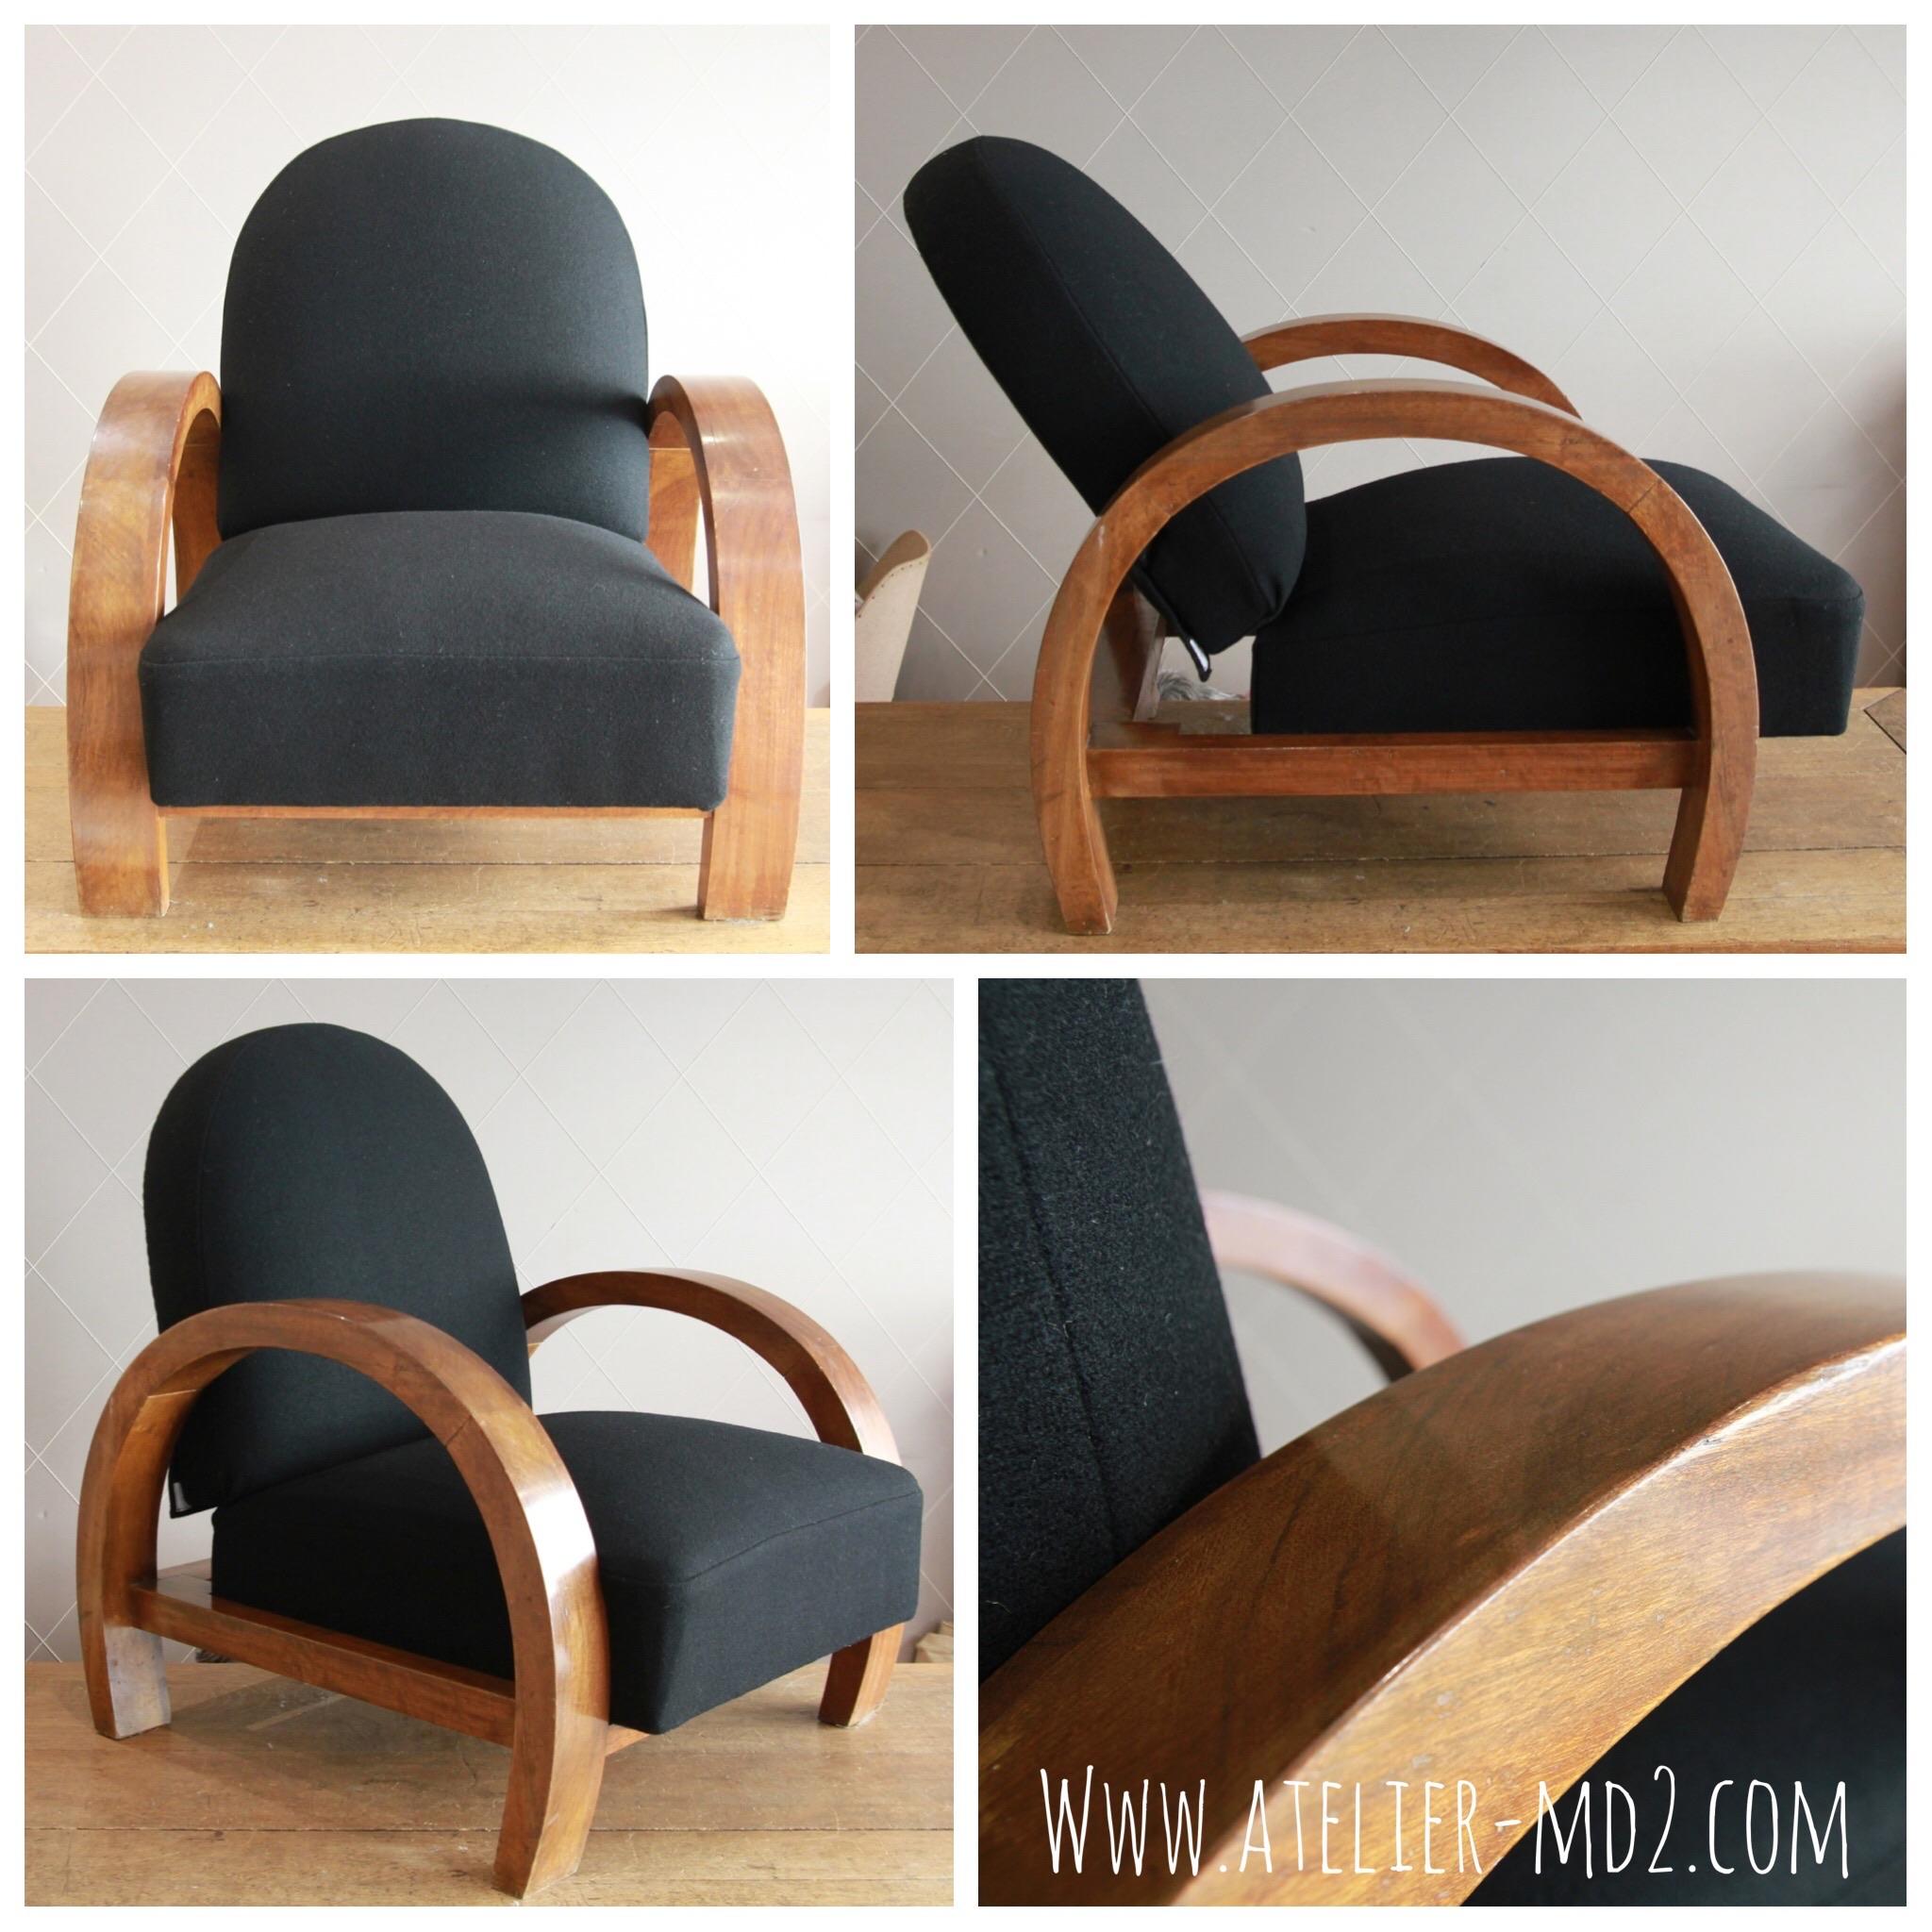 atelier md2 tapissier d corateur patines sur boisatelier md2 tapissier d corateur patines. Black Bedroom Furniture Sets. Home Design Ideas